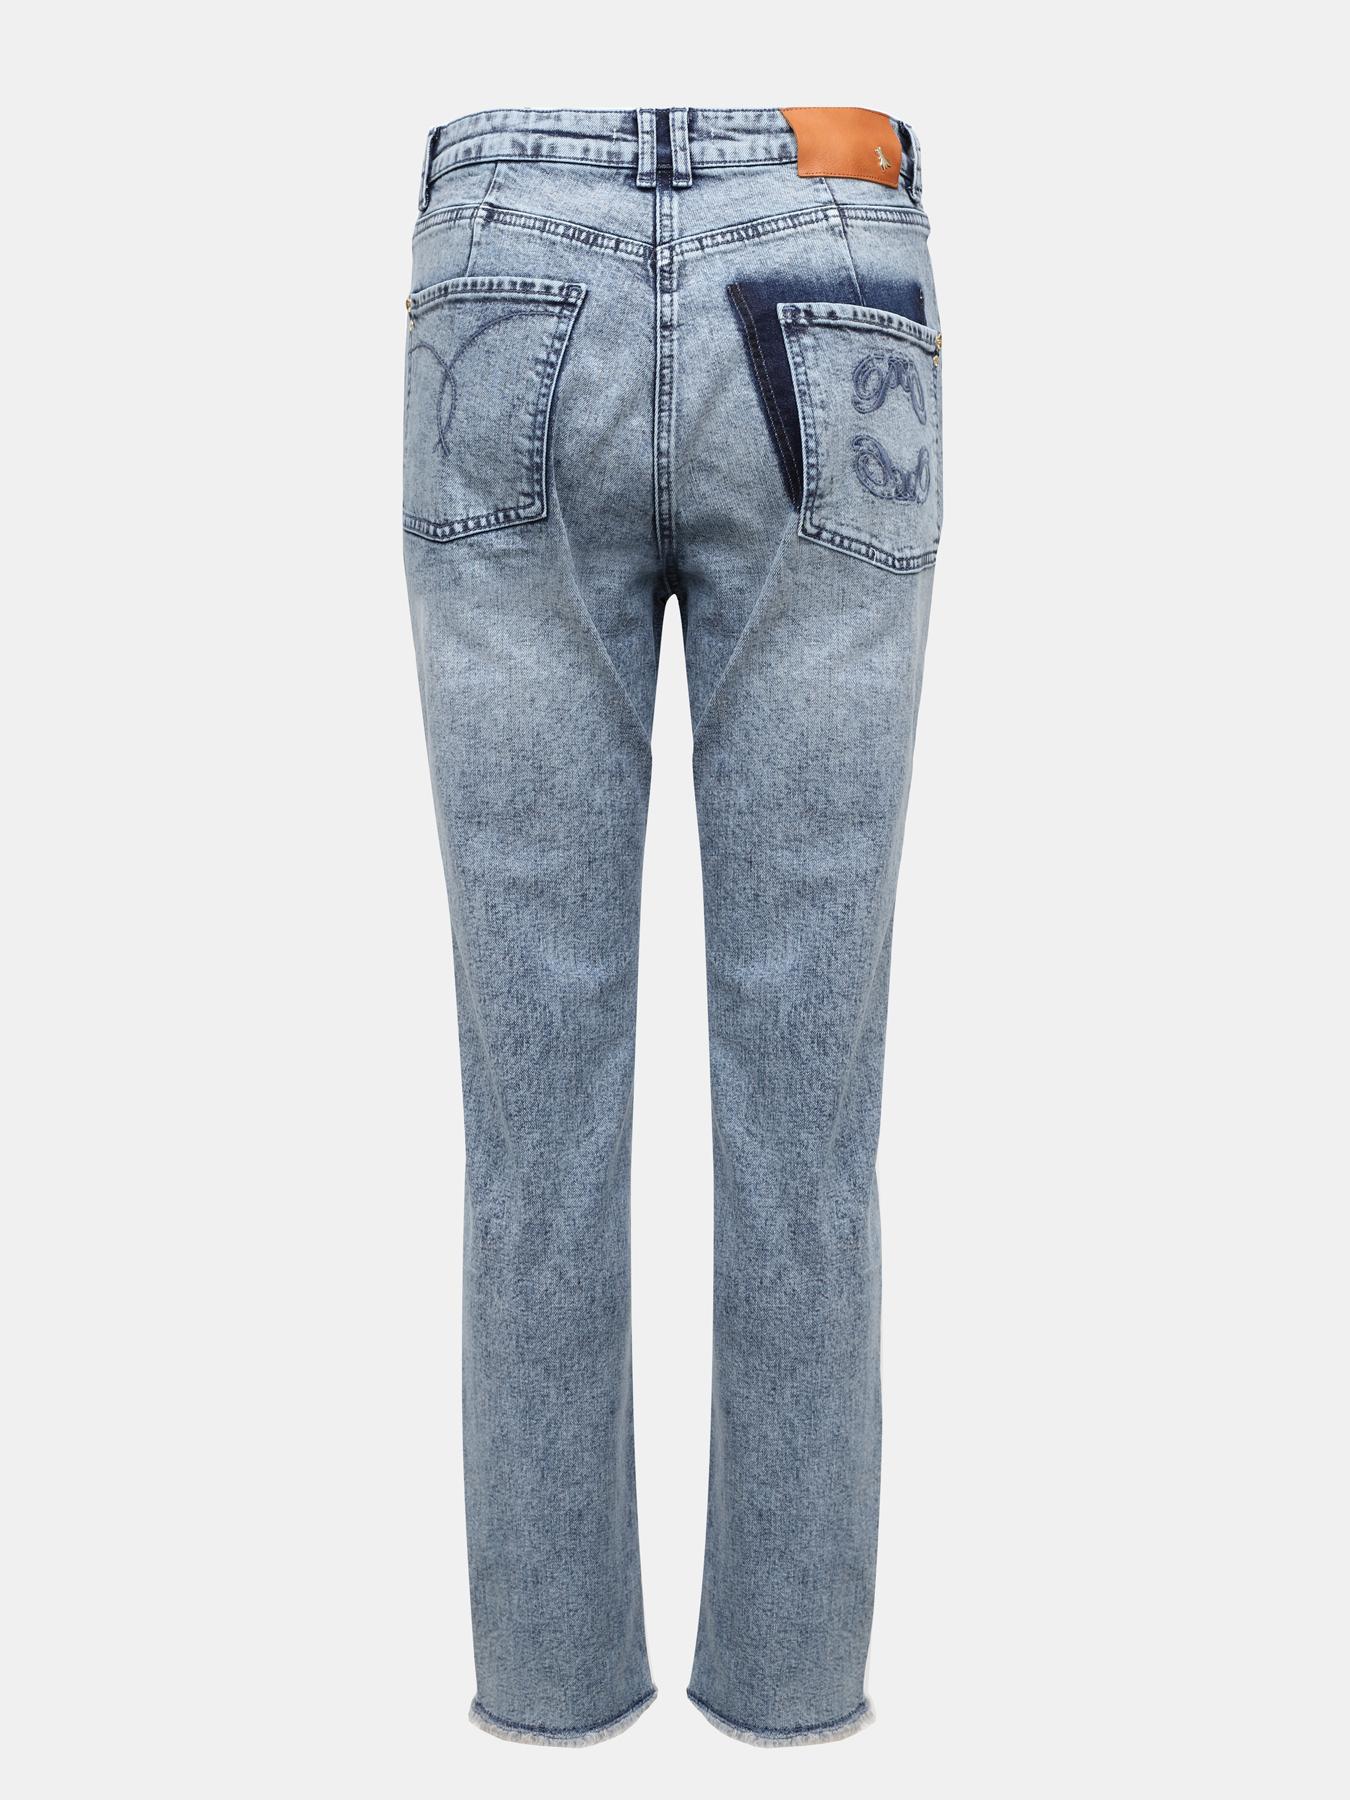 Брюки Patrizia Pepe Джинсы джинсы patrizia pepe размер 152 0325 белый зеленый